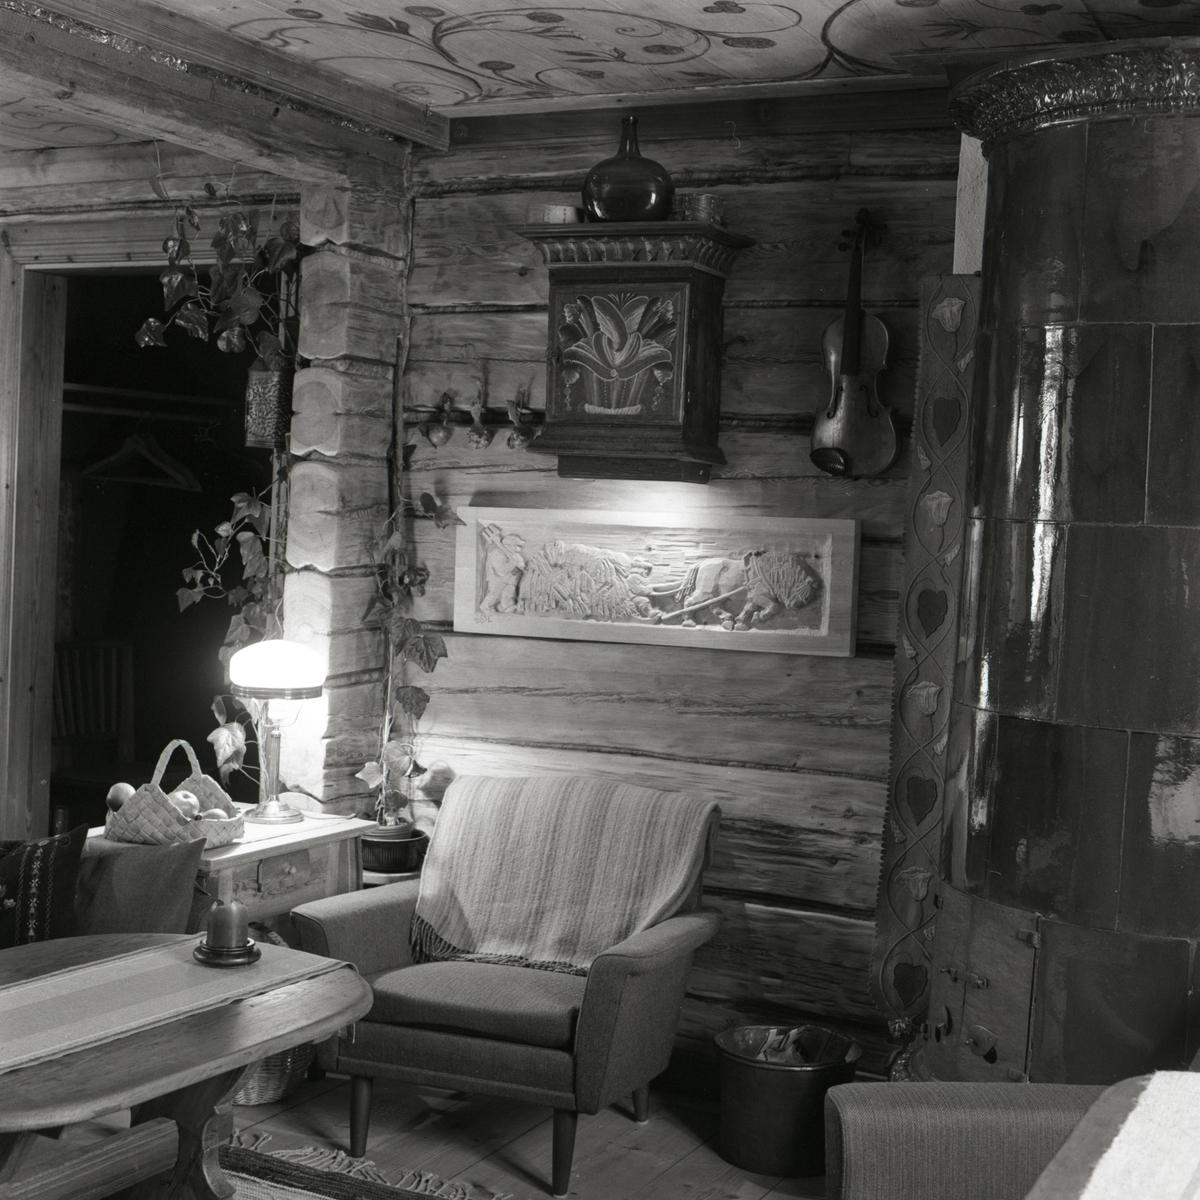 Ett rum på gården Sunnanåker med en snidad reliefbild, väggskåp, fåtölj, fiol och kakelugn, 1972.